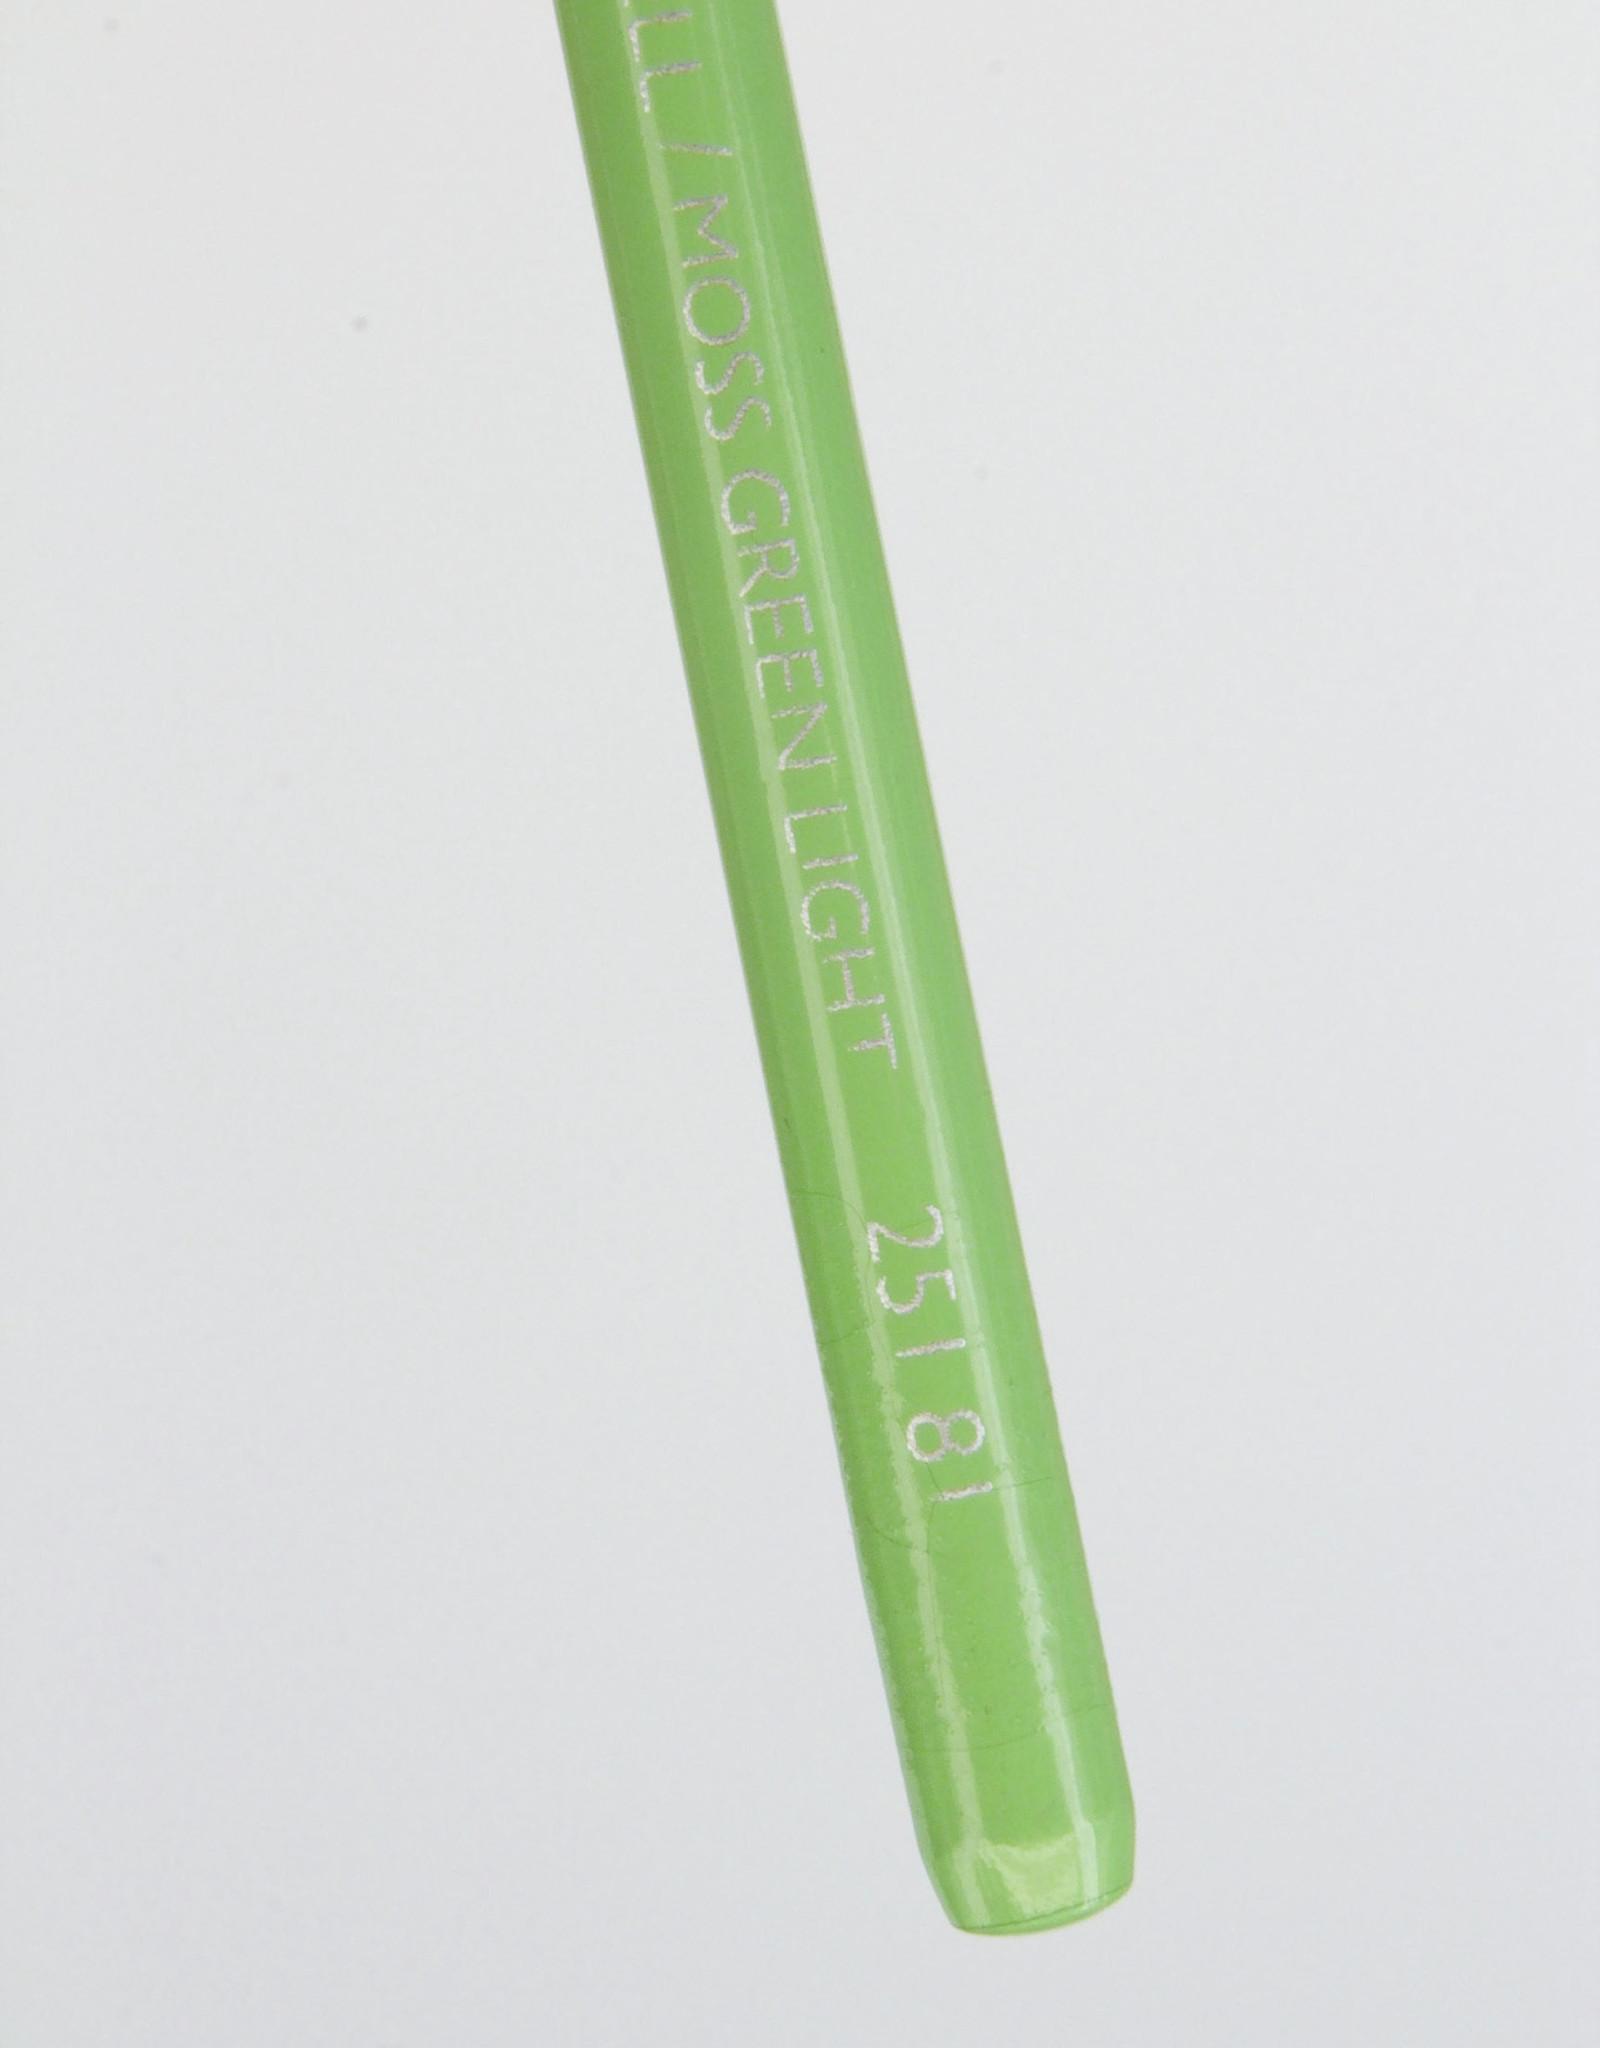 Cretacolor, Aqua Monolith Pencil, Moss Green Light